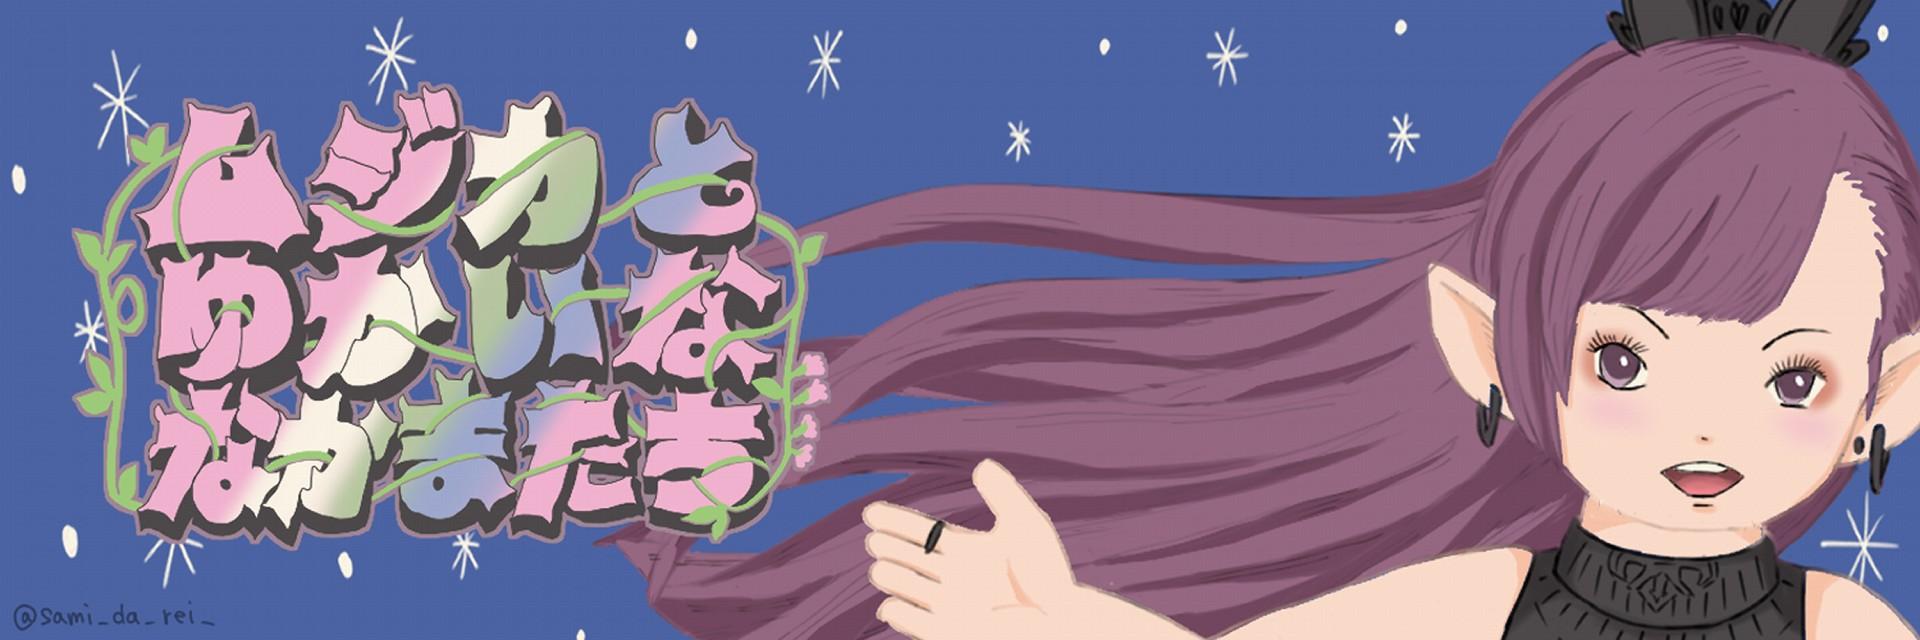 f:id:ryoushitsu-musica:20211010203303j:image